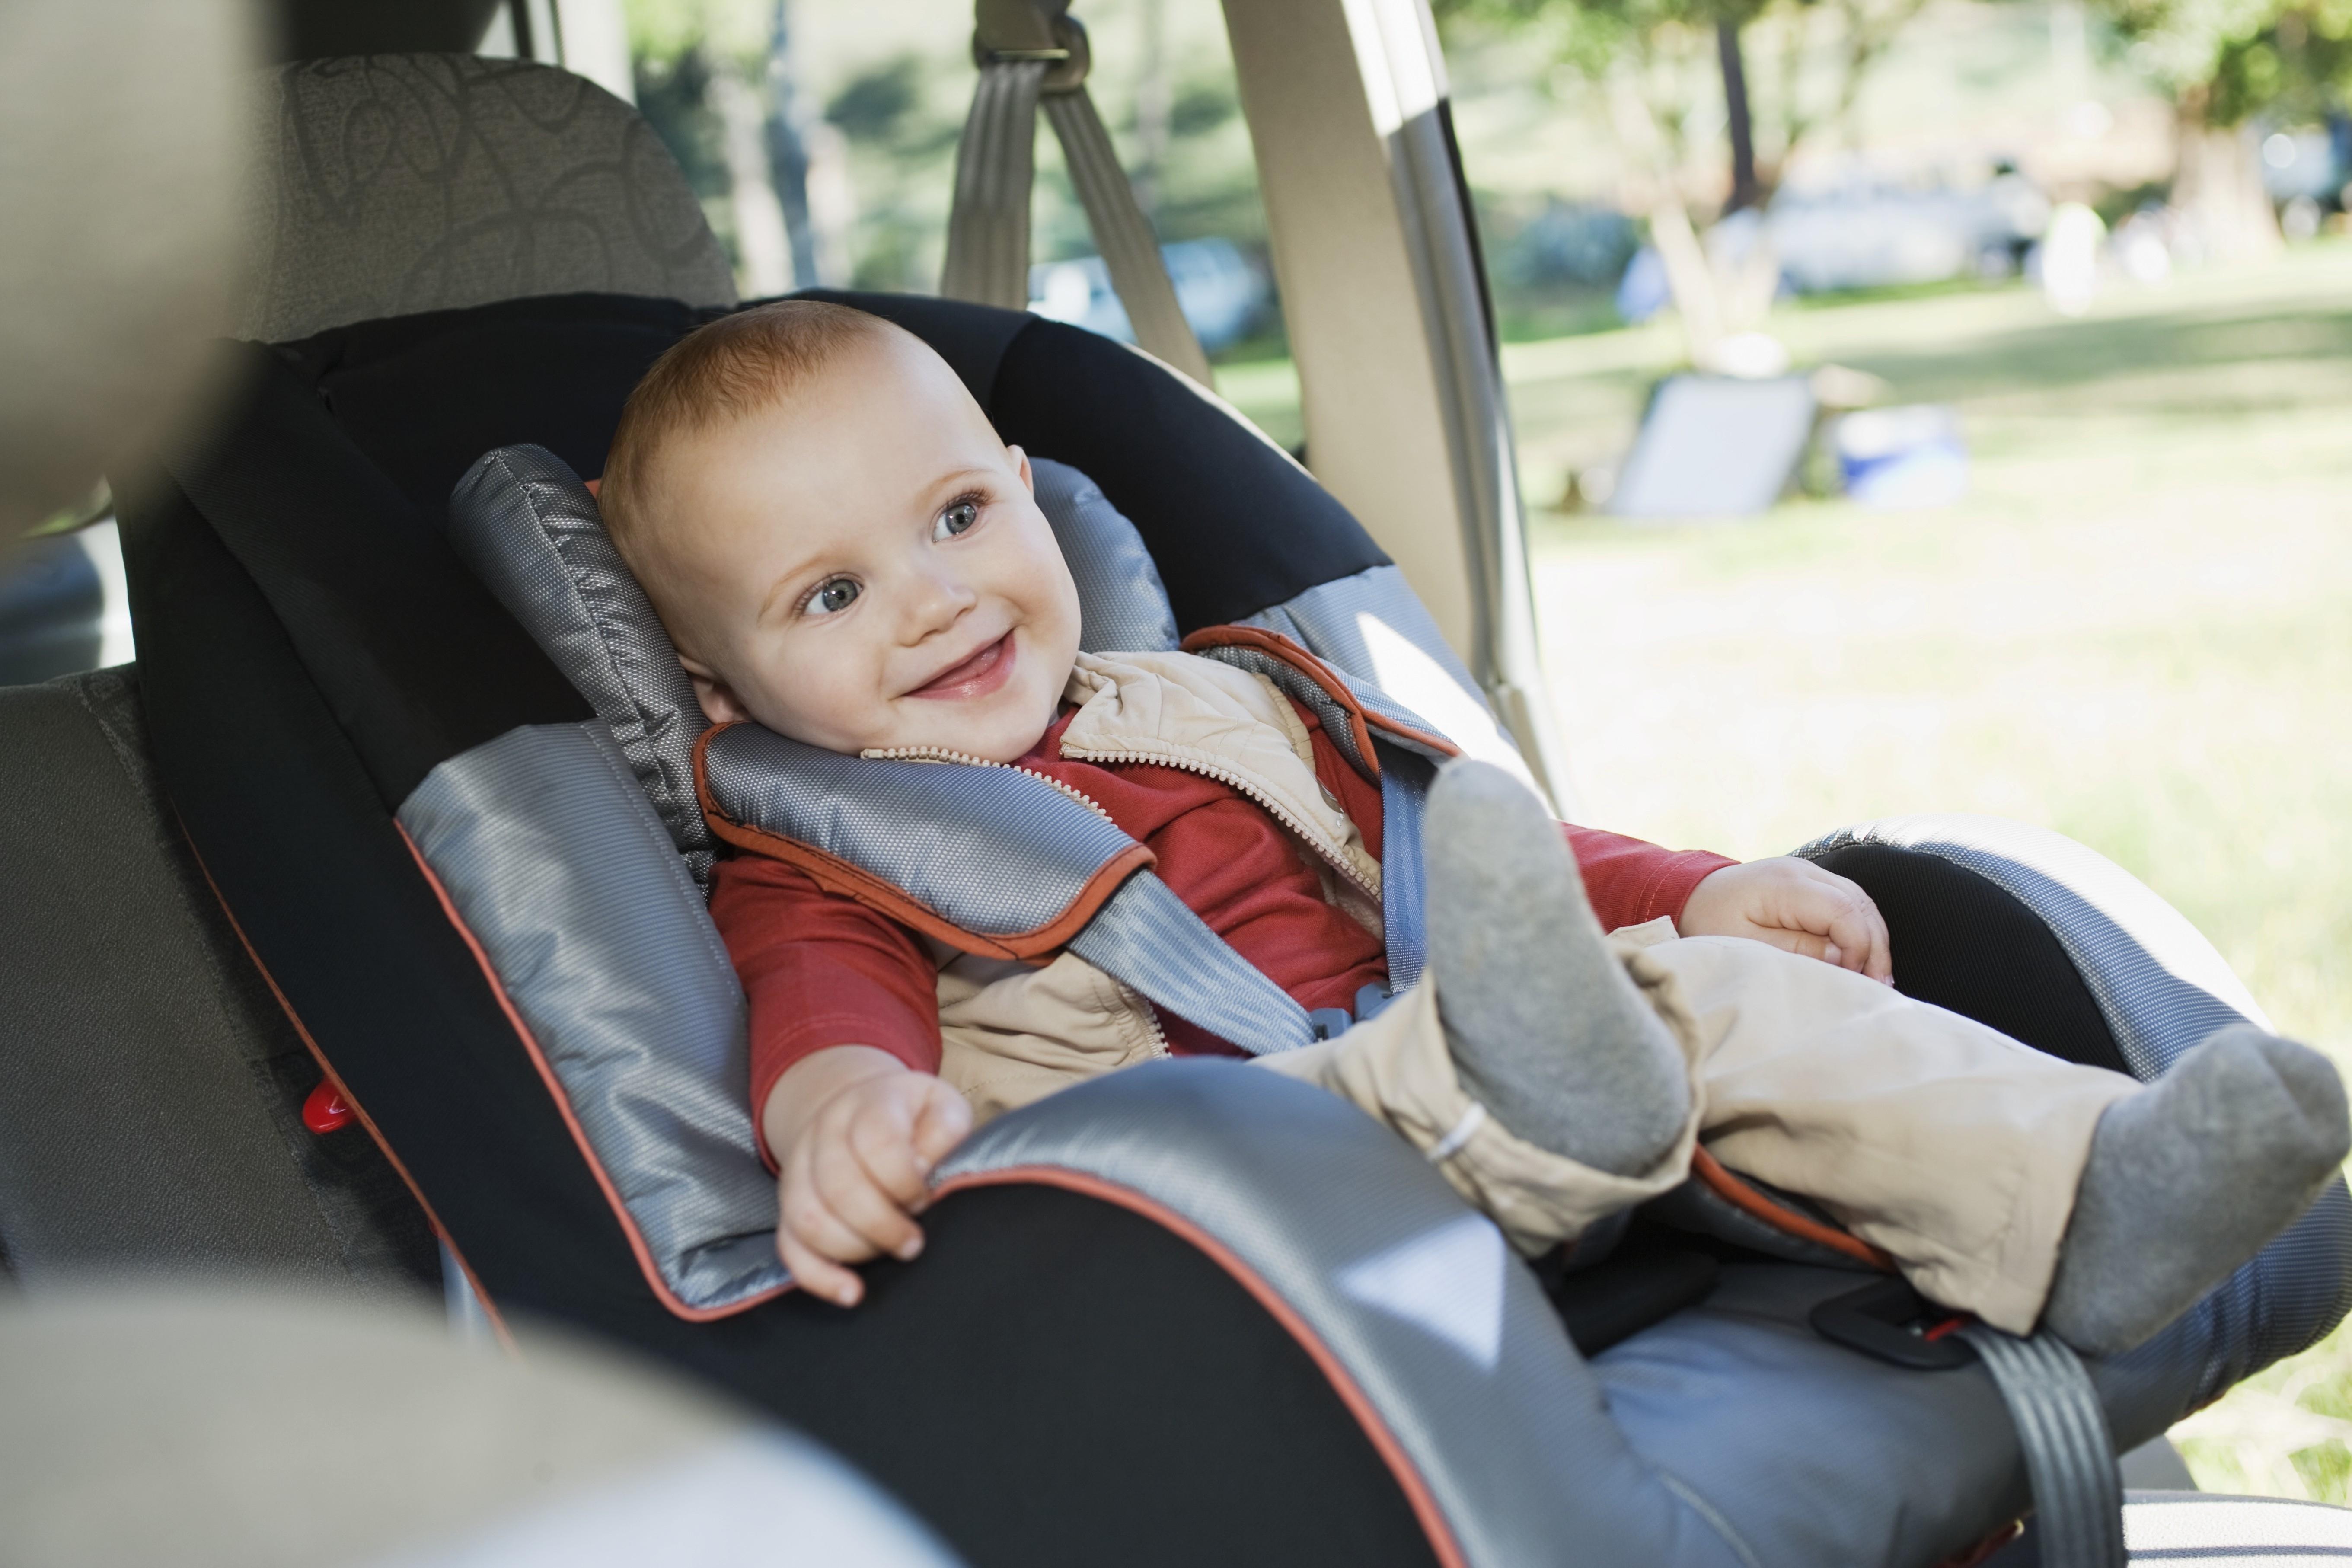 Dejar puesto el abrigo a los niños en la sillita del coche aumenta el riesgo de accidente